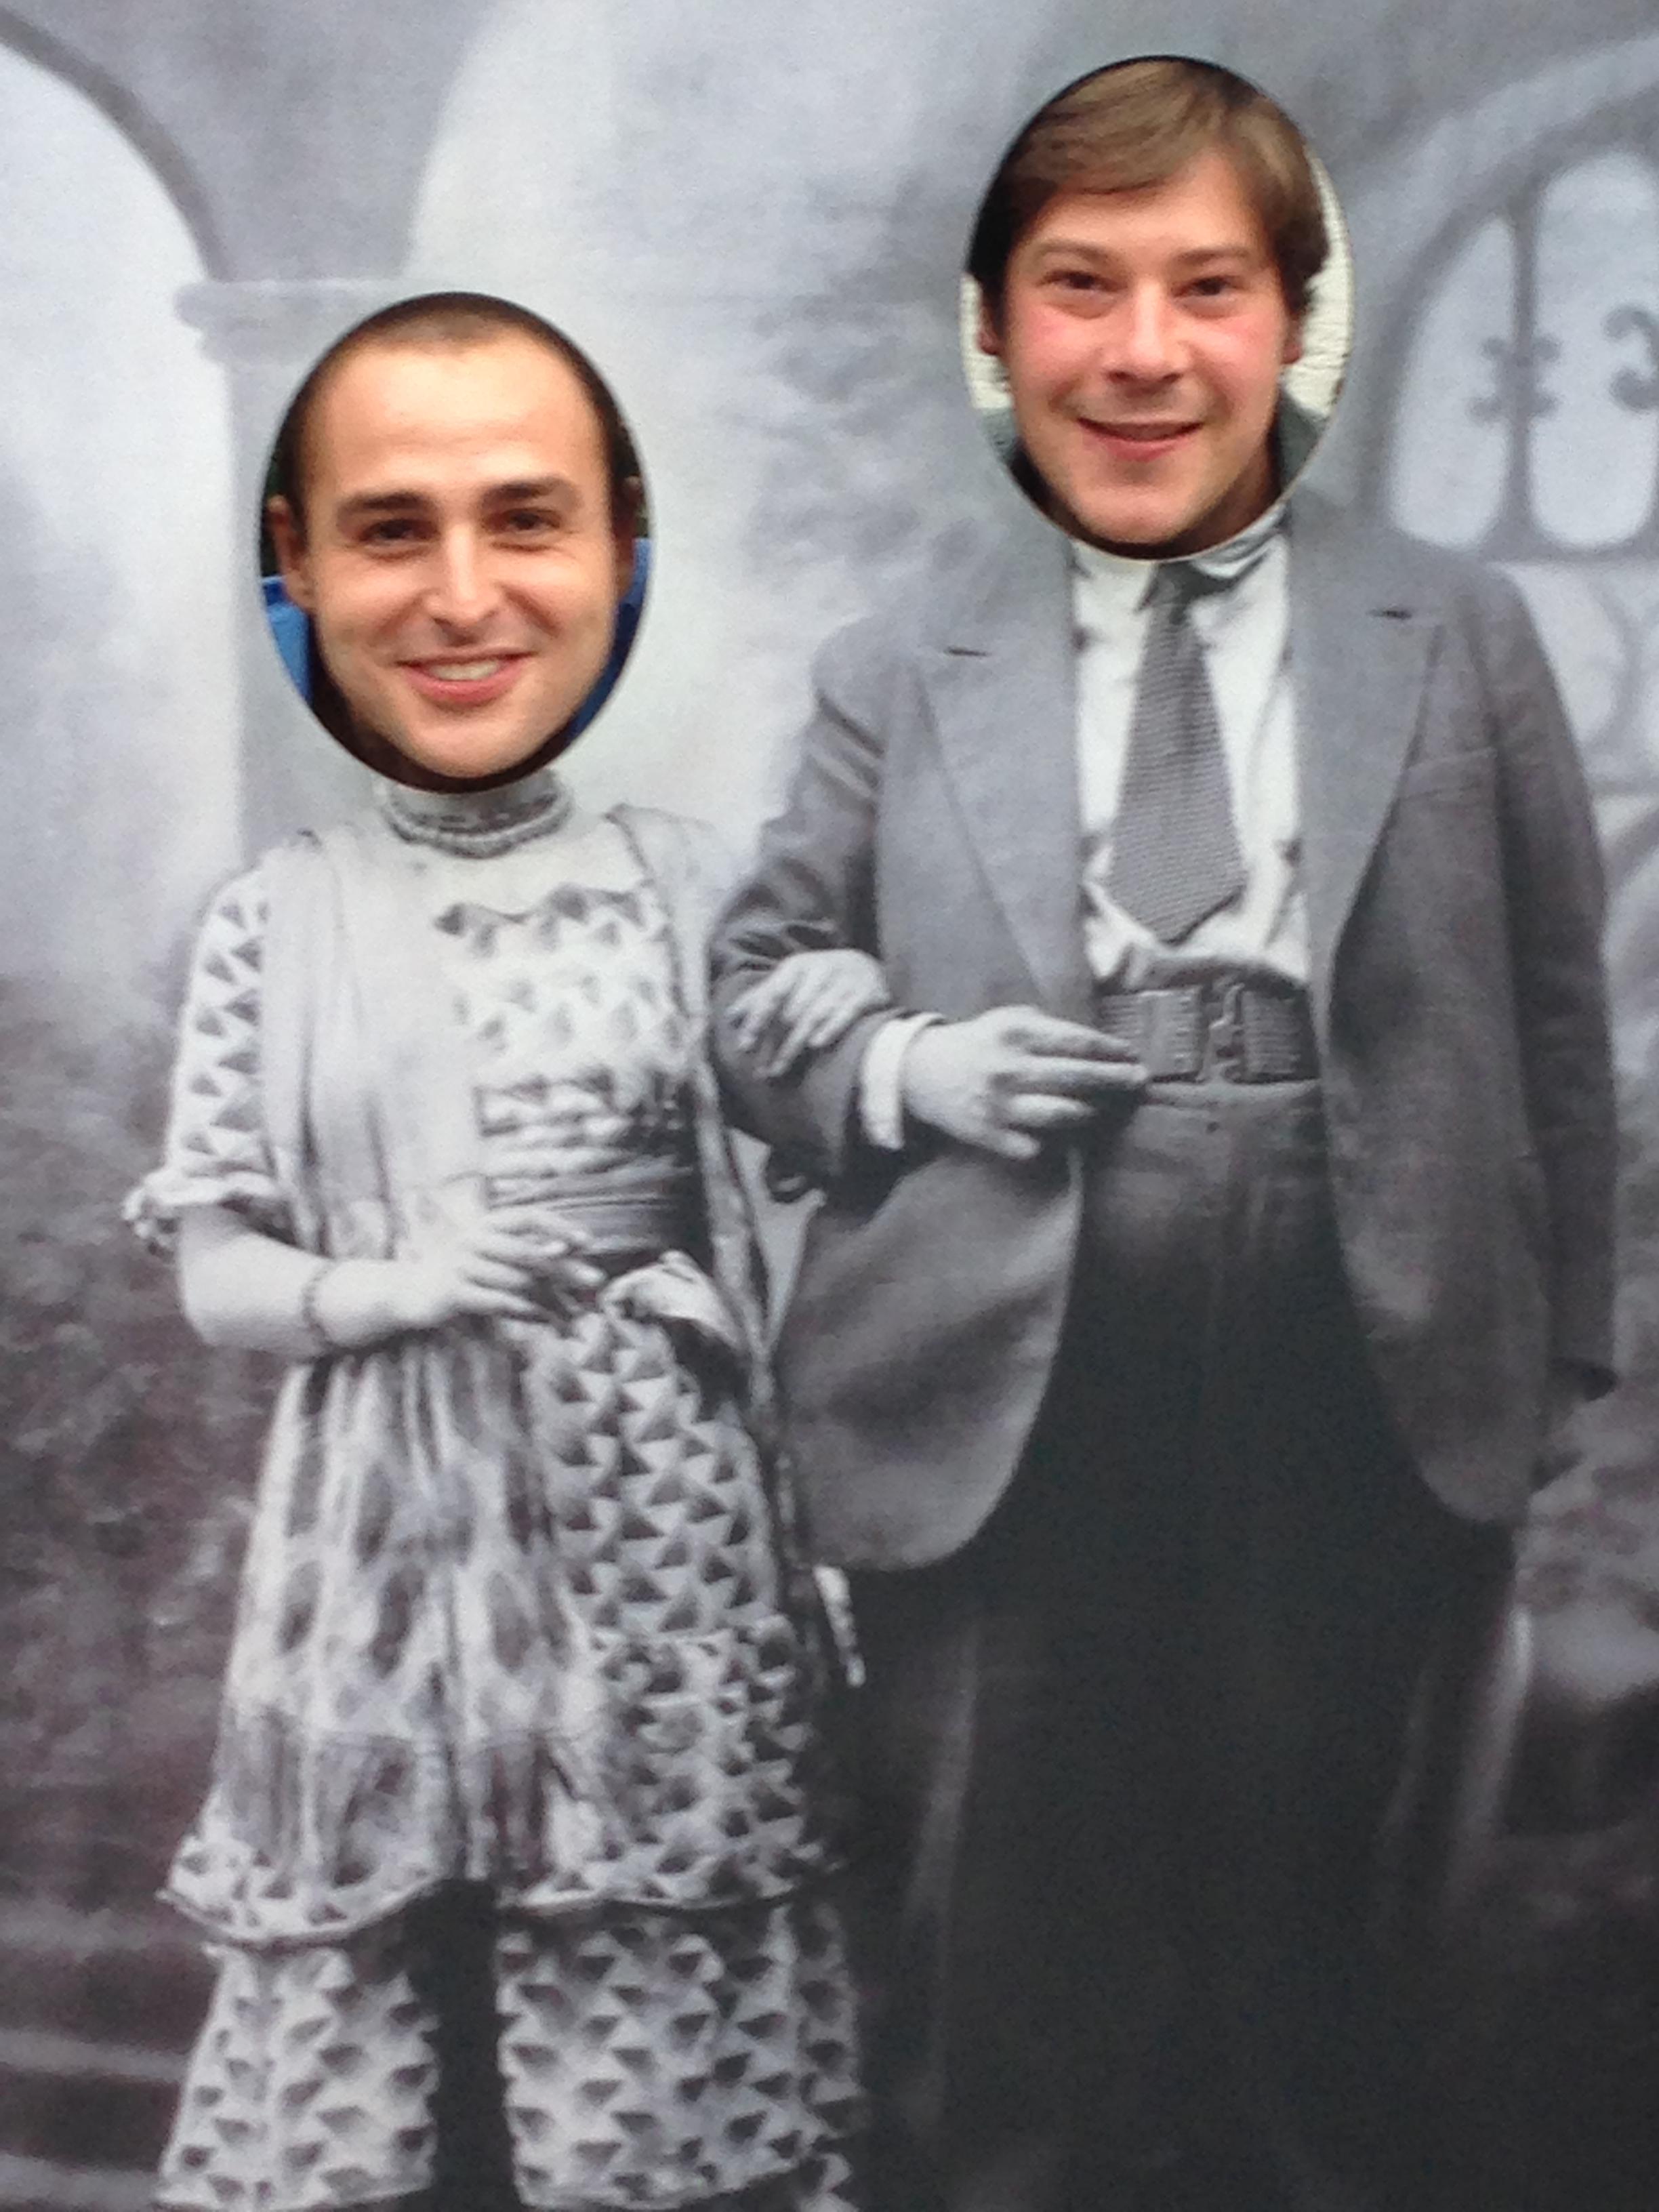 Álvaro y yo representando a Frida Kahlo y Diego Rivera